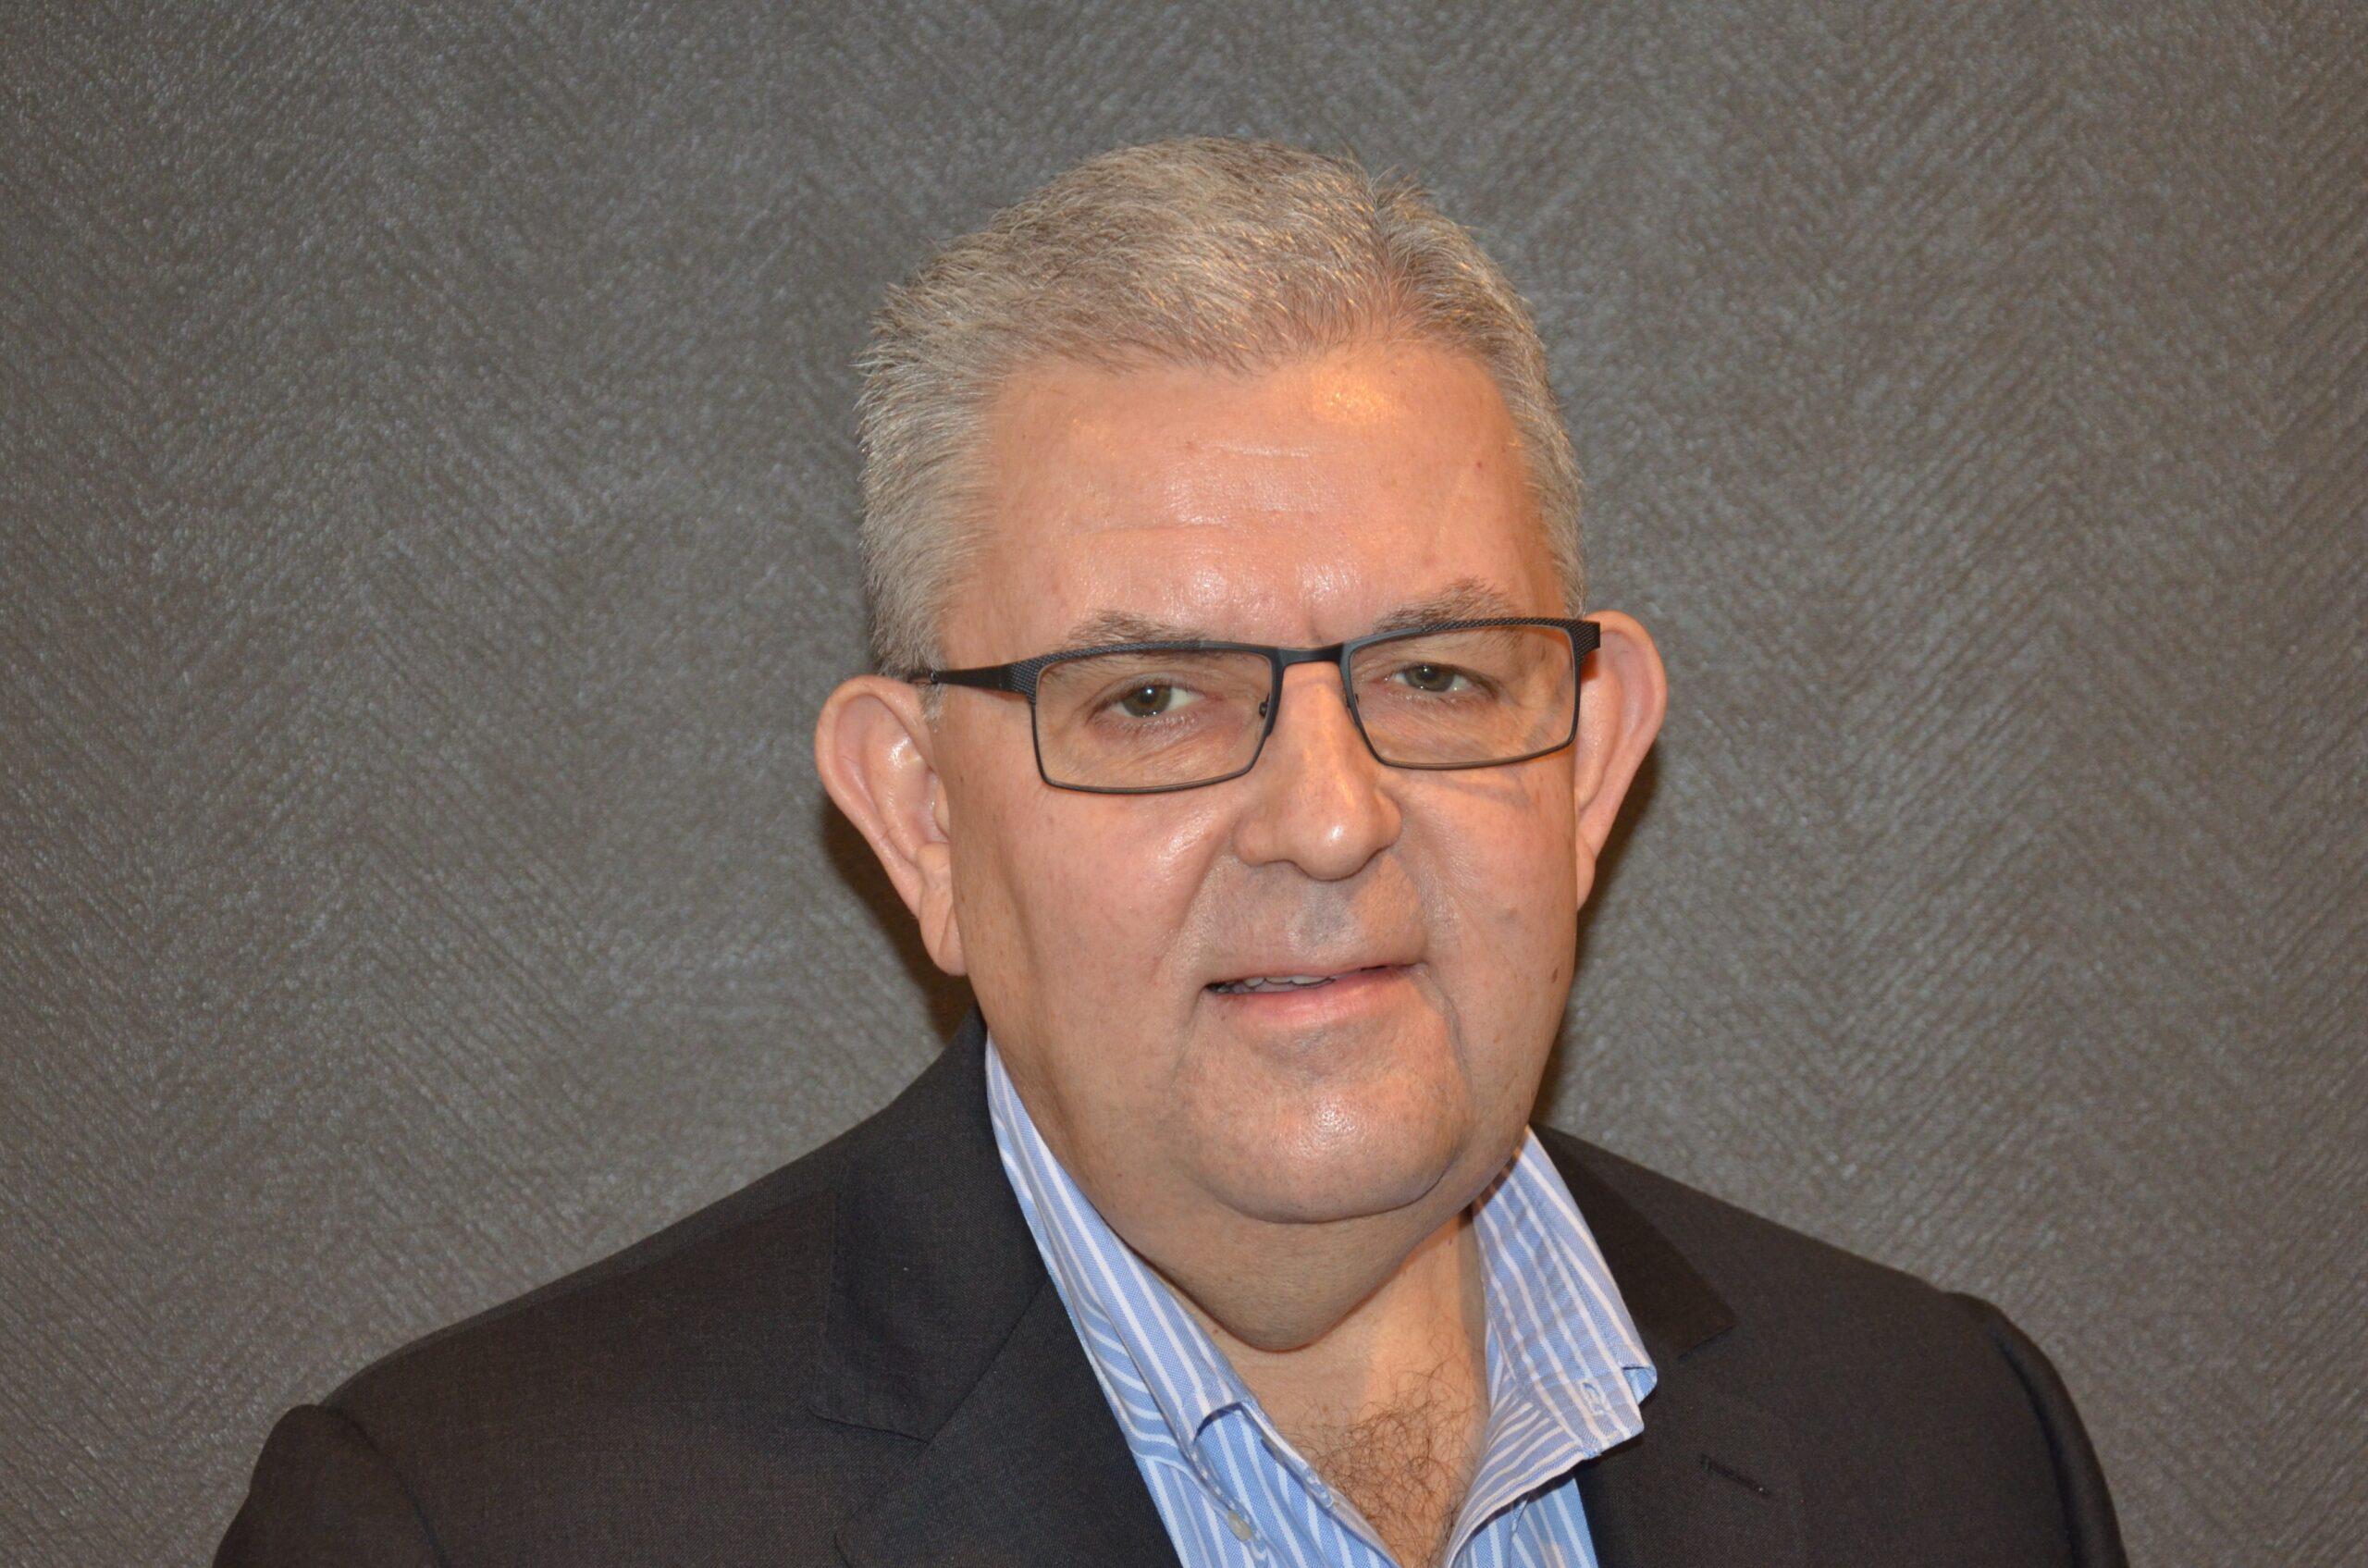 Dave Ochsner